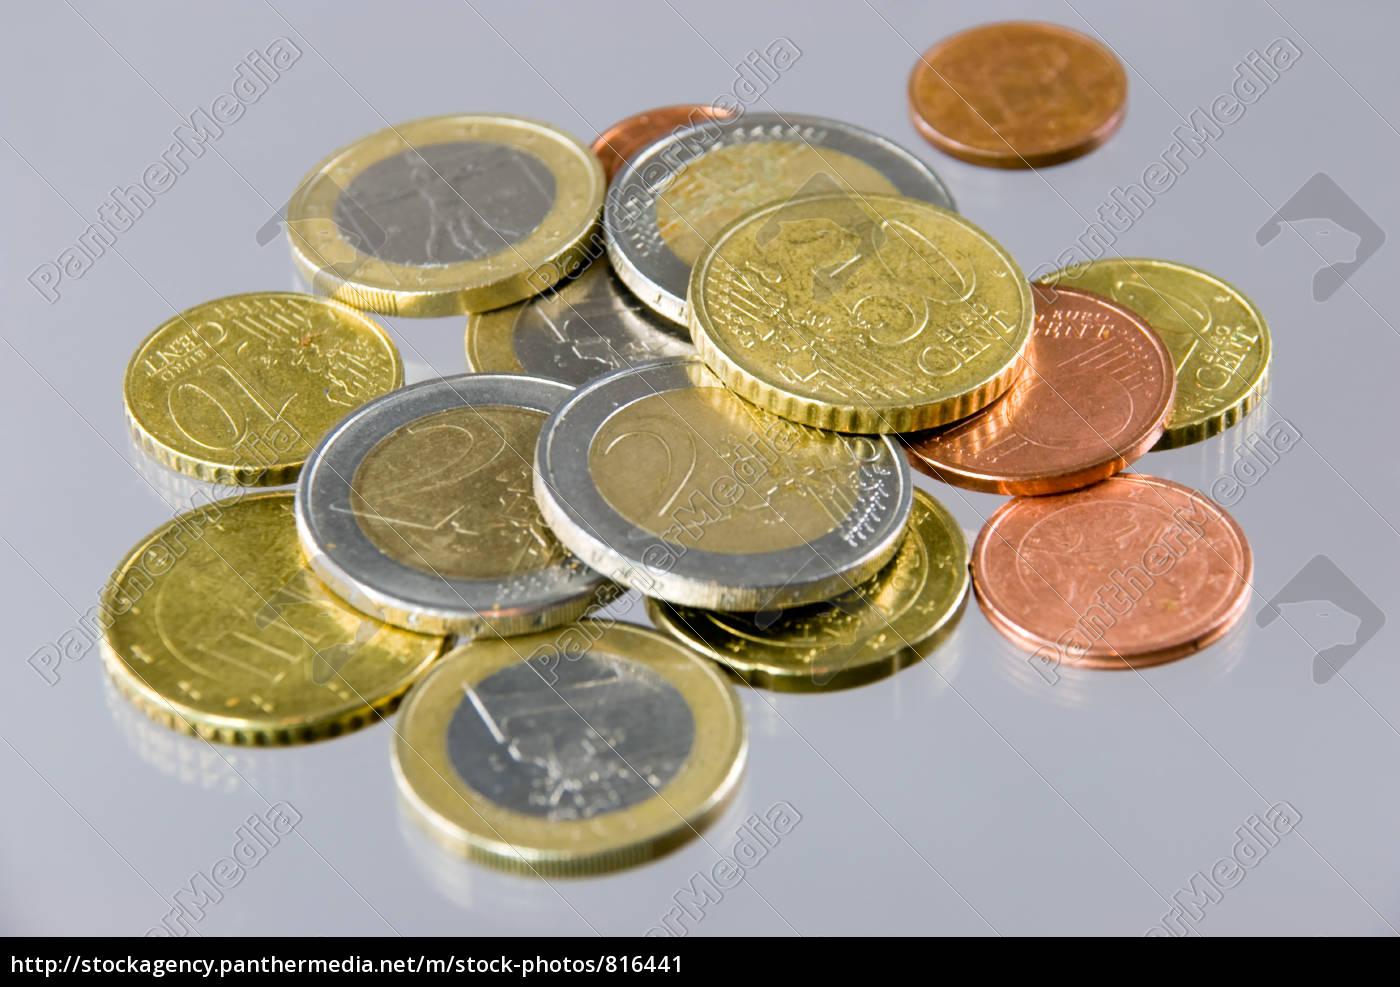 euro, coins - 816441